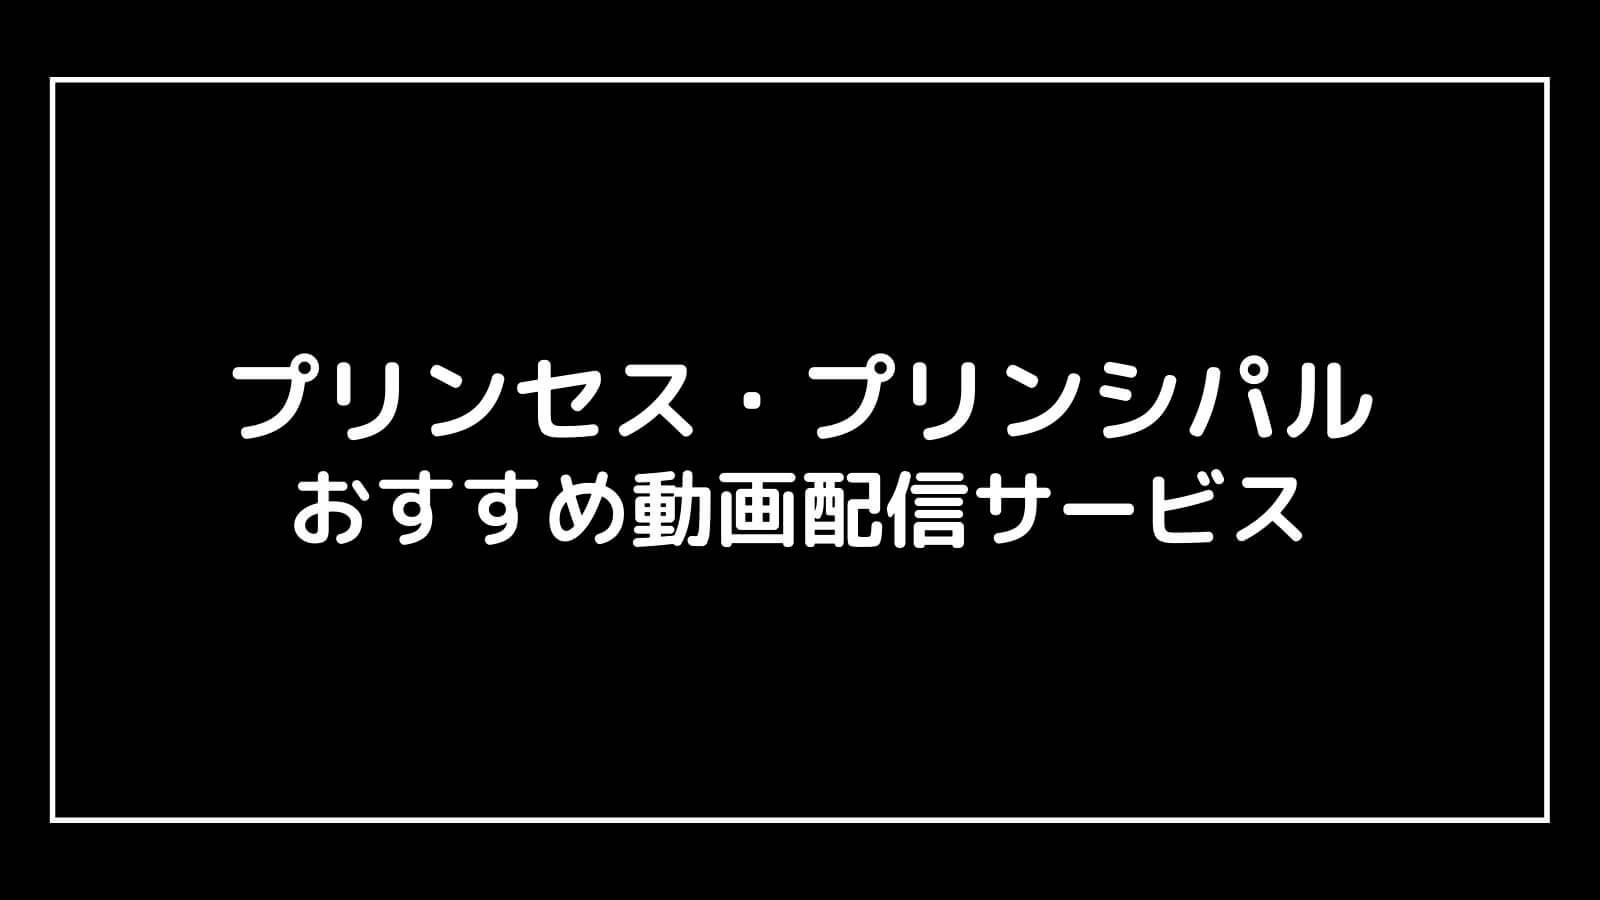 映画『プリンセス・プリンシパル Crown Handler』の動画配信を無料視聴できるサブスク一覧